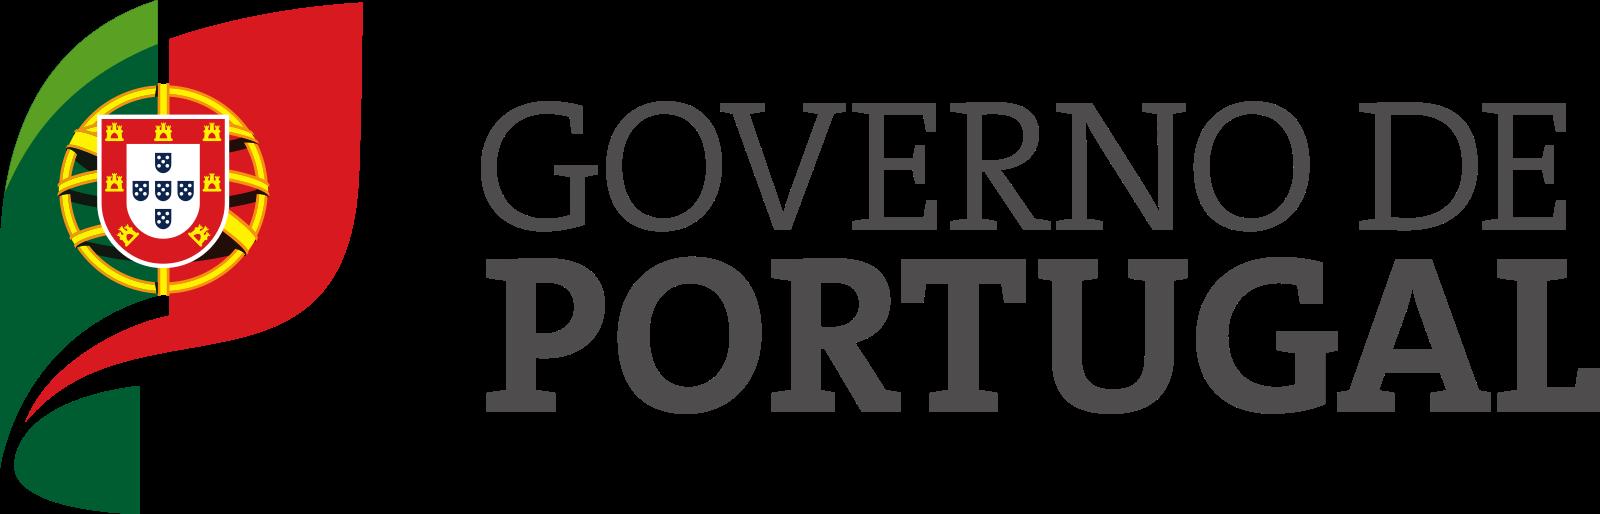 governo portugal 4 - Governo de Portugal Logo